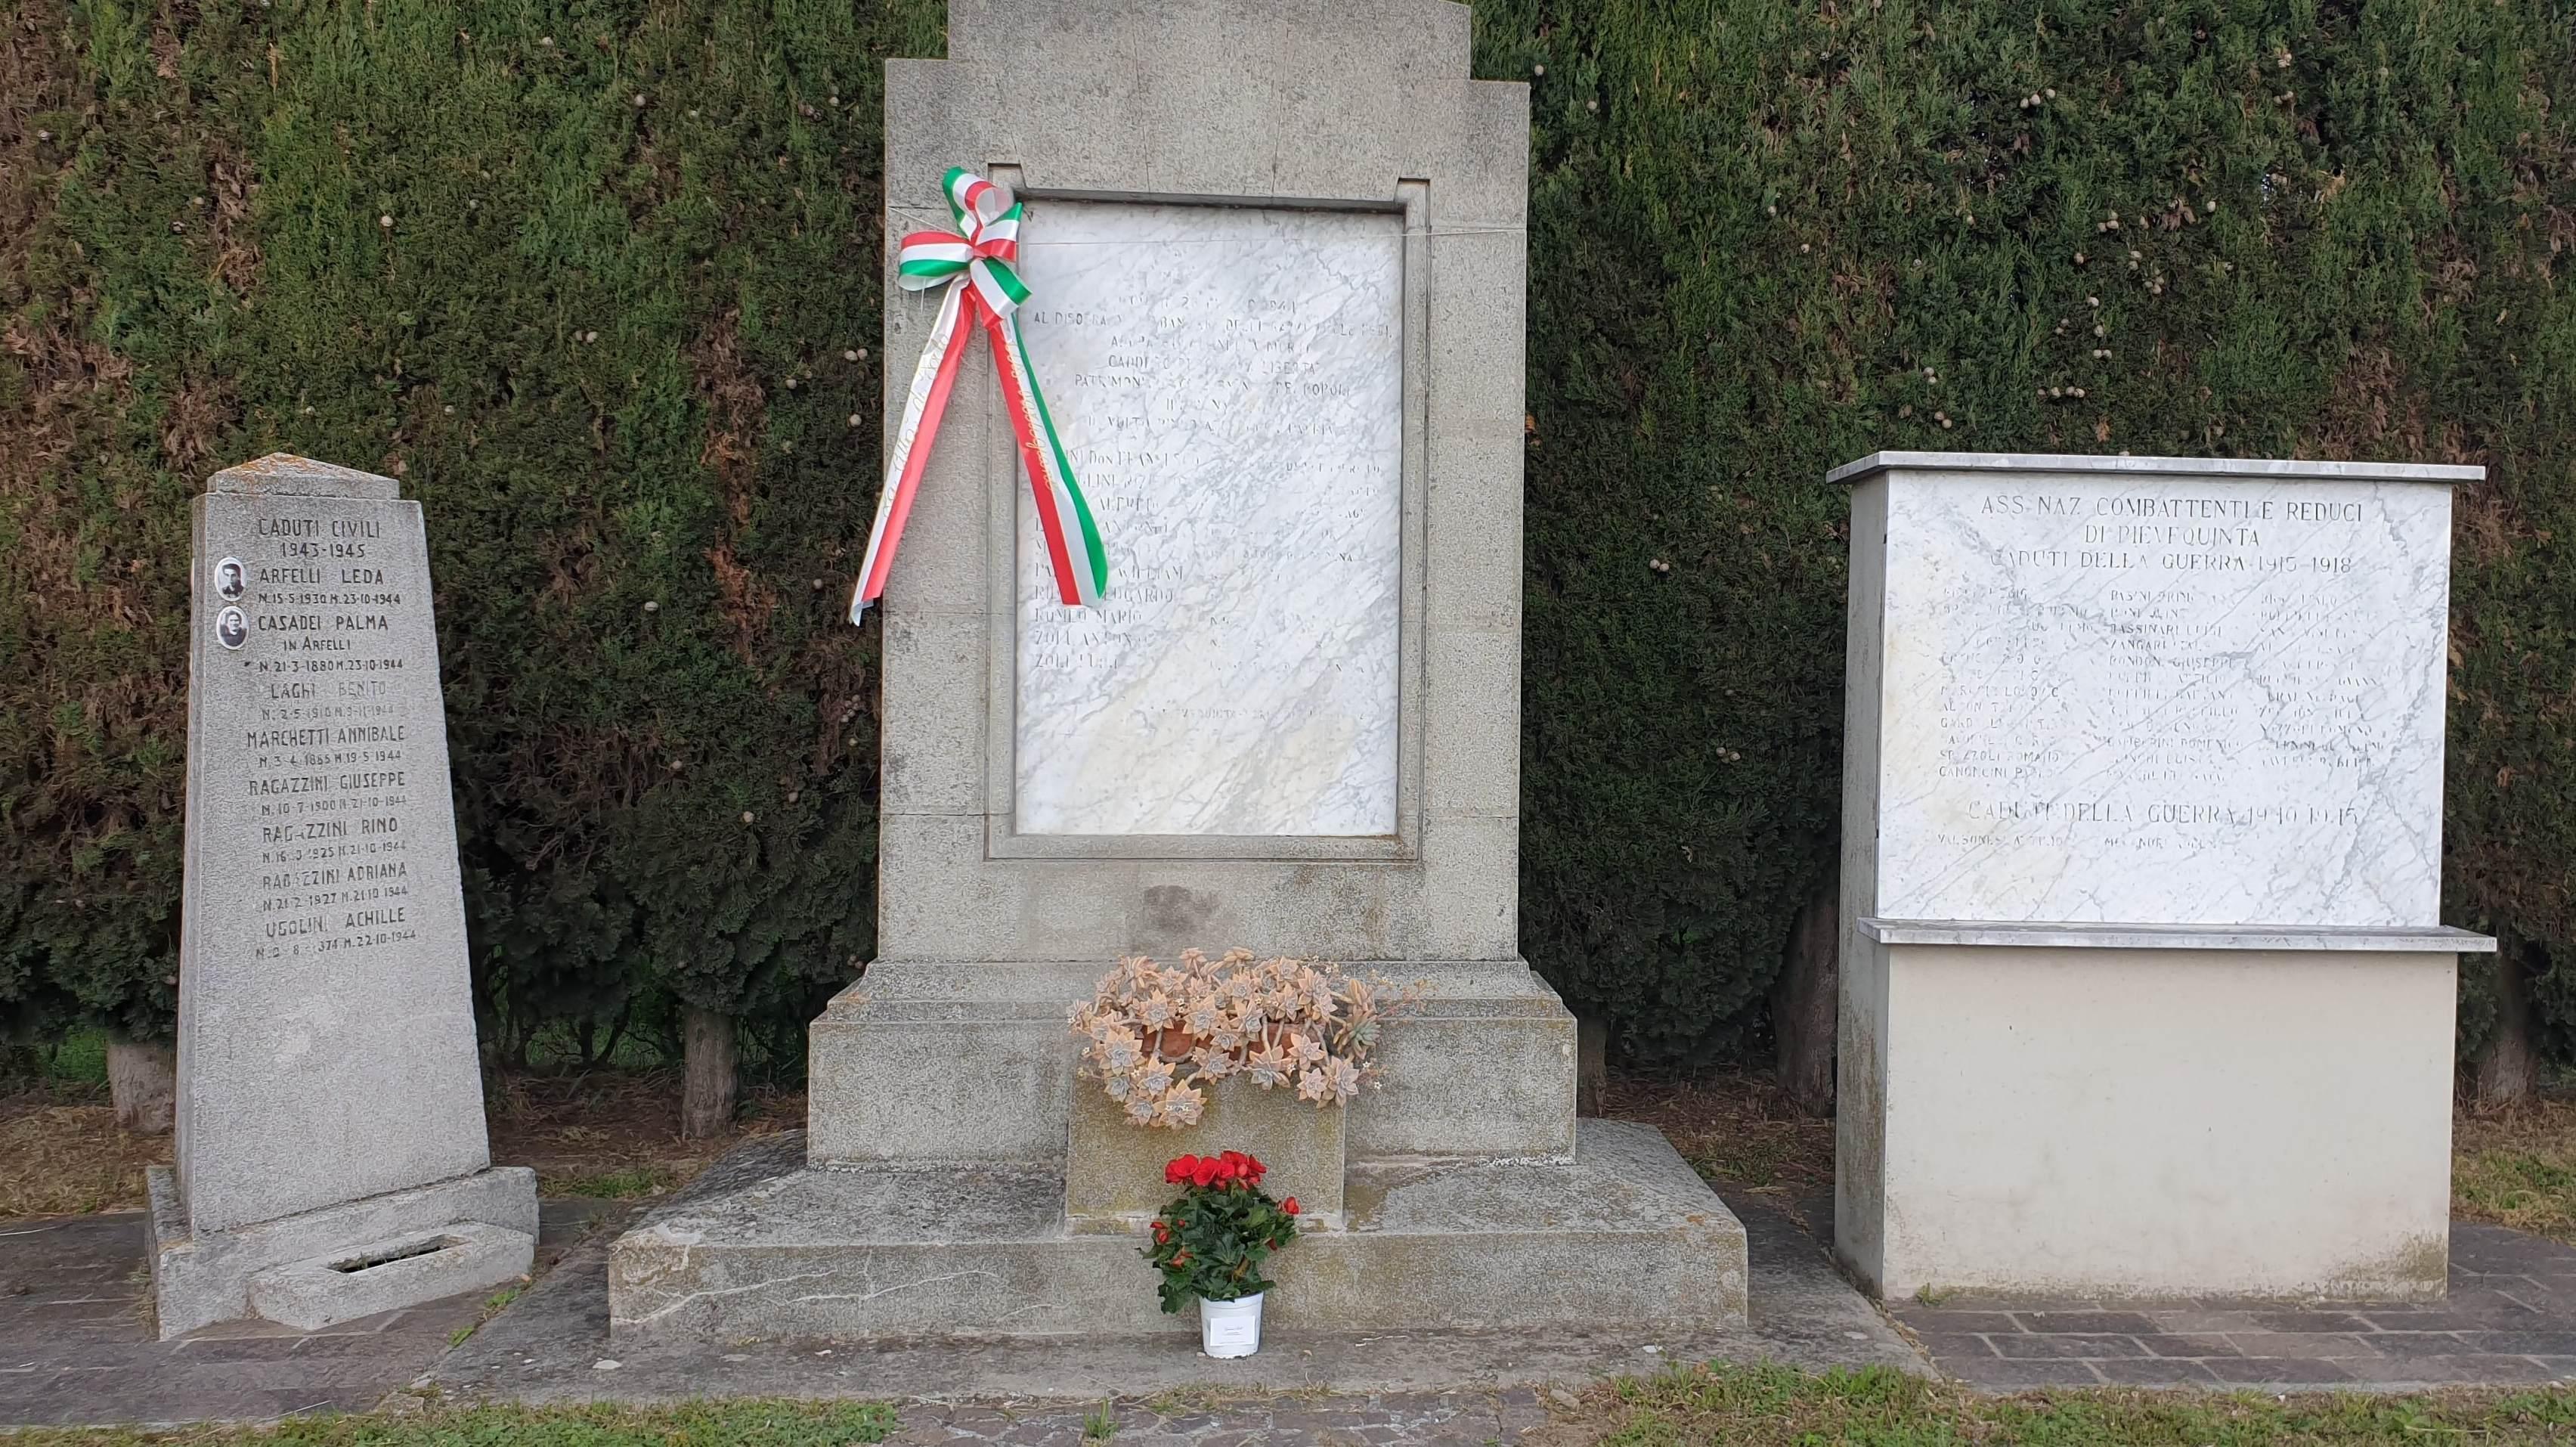 Pievequinta monumento Caduti